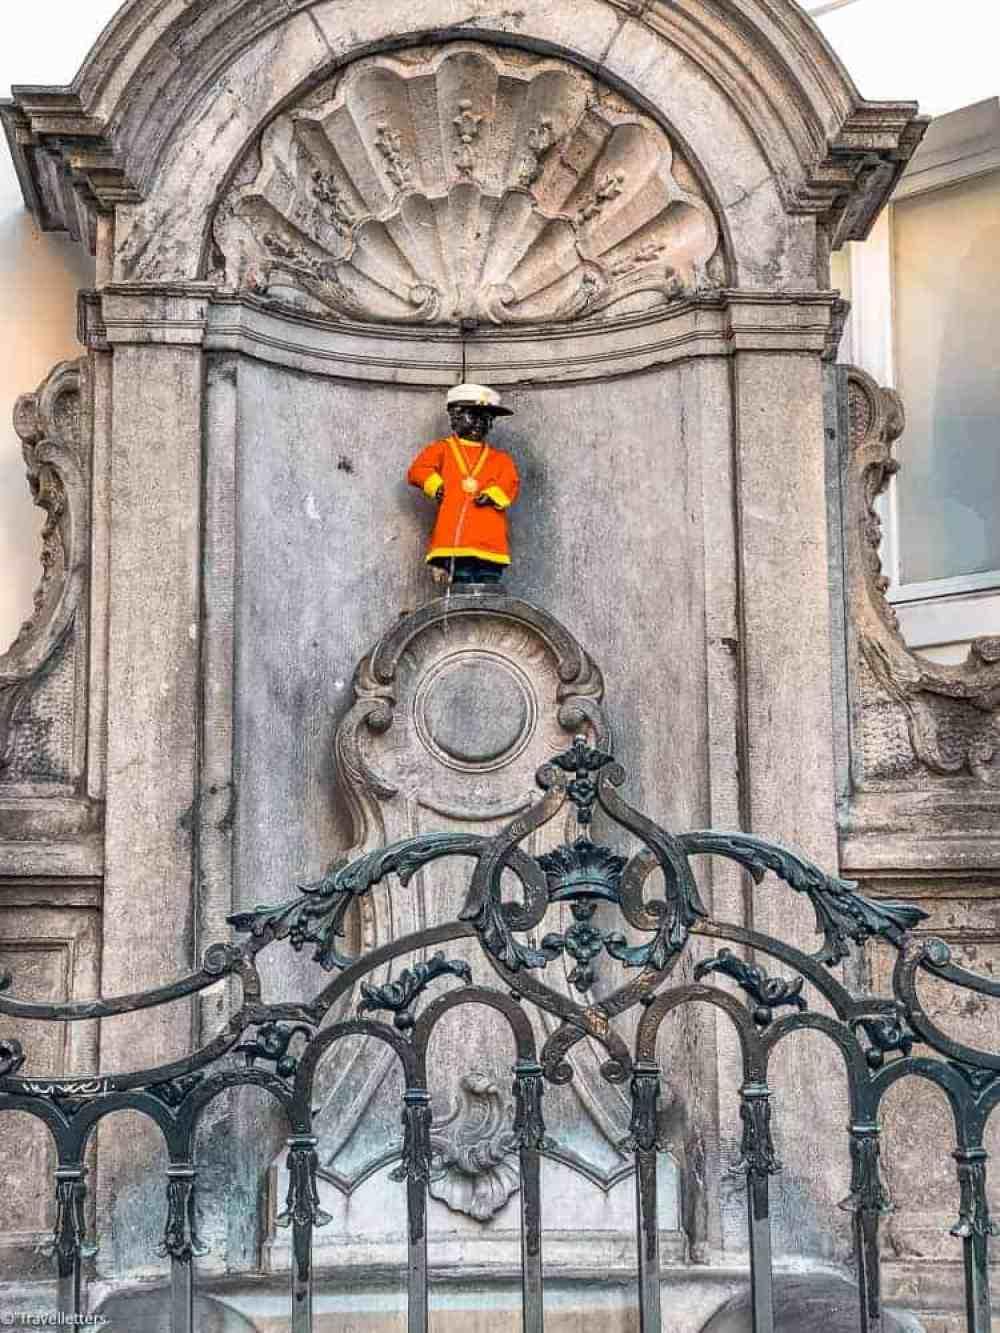 Manneken Pis i Brussel, Storbyferie i Europa, weekendtur til Brussel, høst destinasjon, beste storby for weekendtur i oktober, ting å gjøre i Brussel, jentetur til Brussel, kjærestetur til Brussel